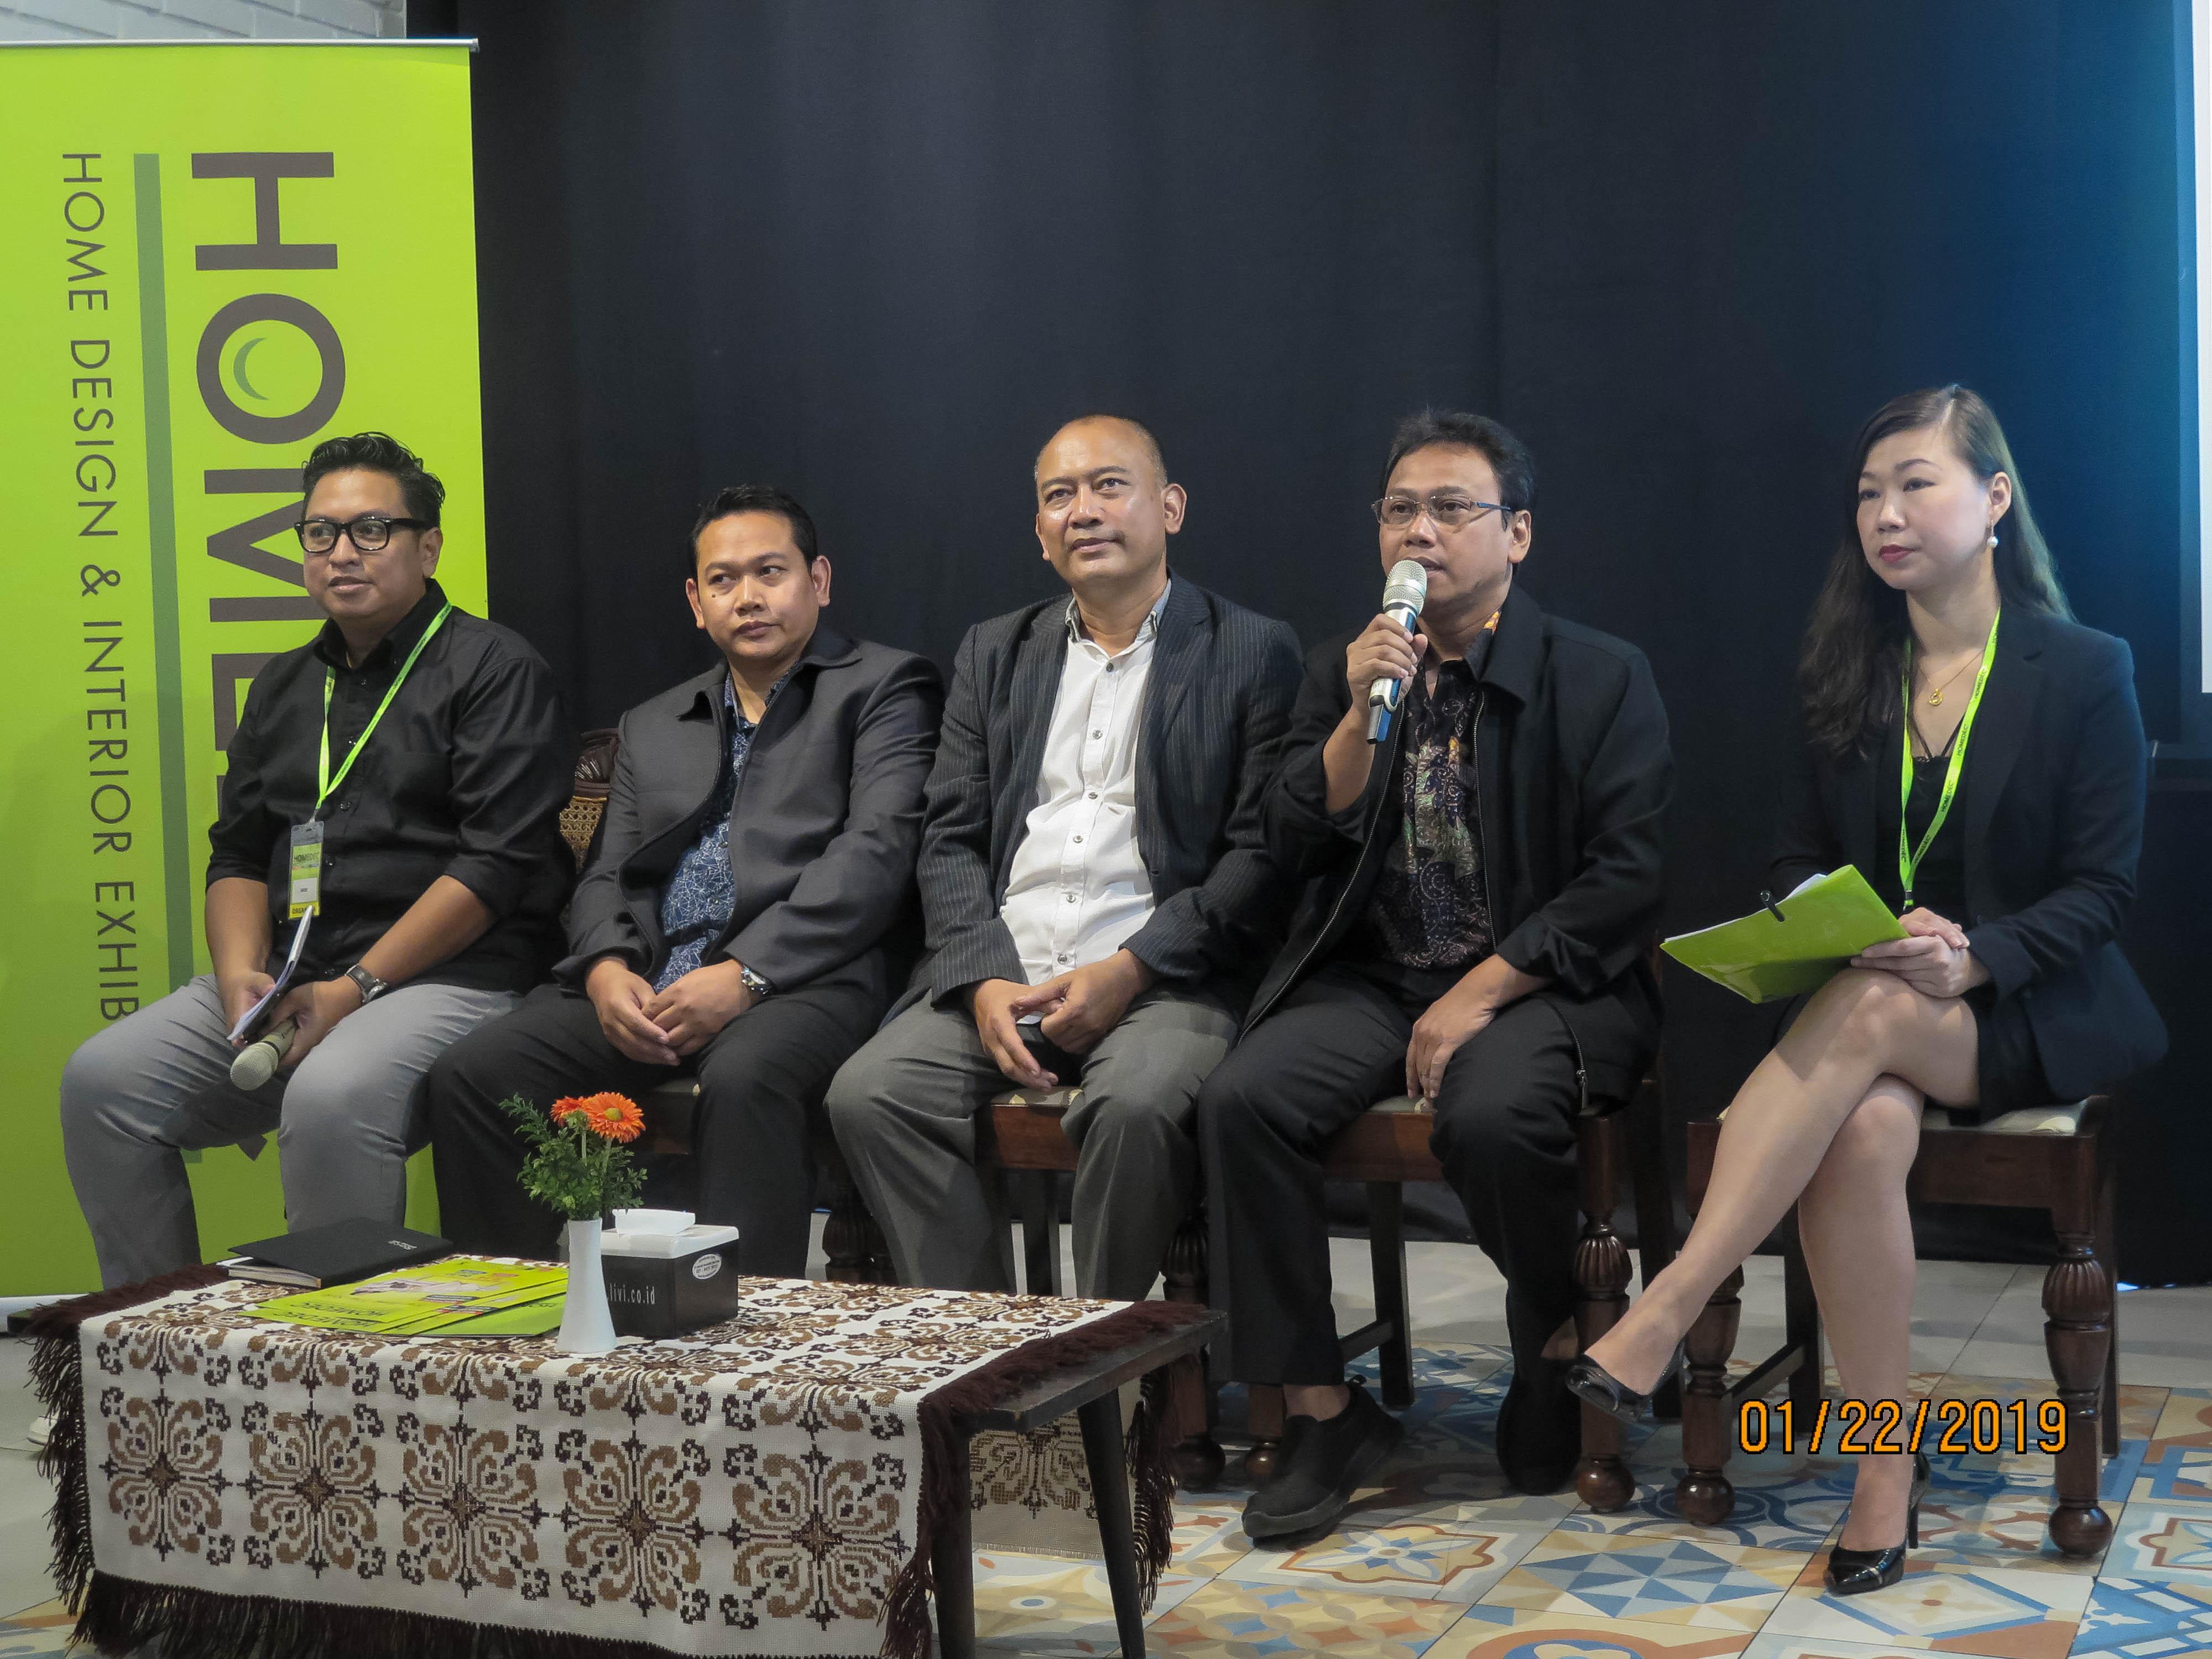 HOMEDEC – Pameran Interior & Home Renovation Kini Hadir di Jakarta & Tangerang